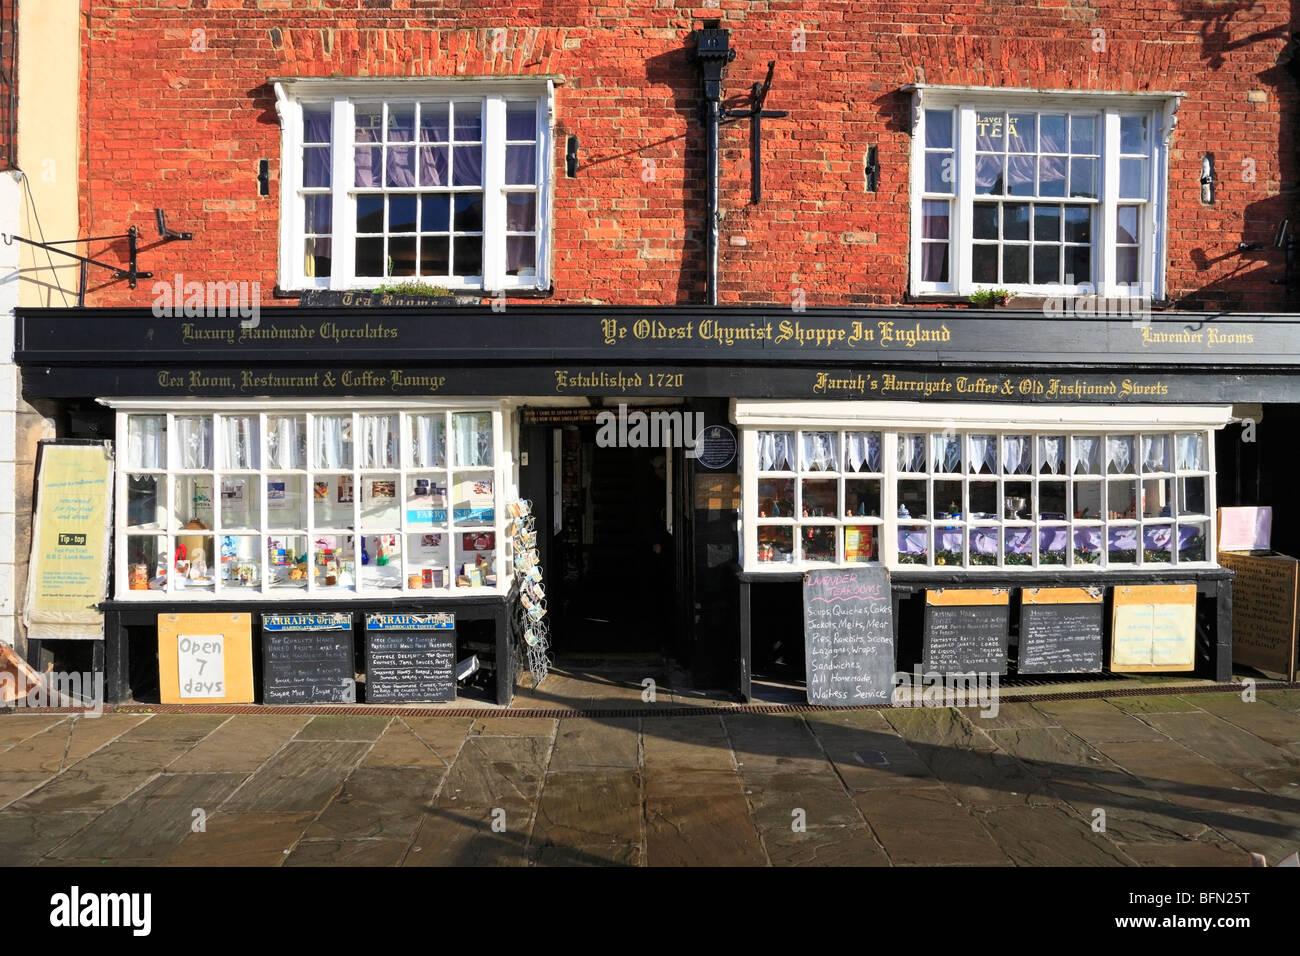 Ye Oldest Chemist Shoppe in England, Market Place, Knaresborough, North Yorkshire, England, UK. - Stock Image